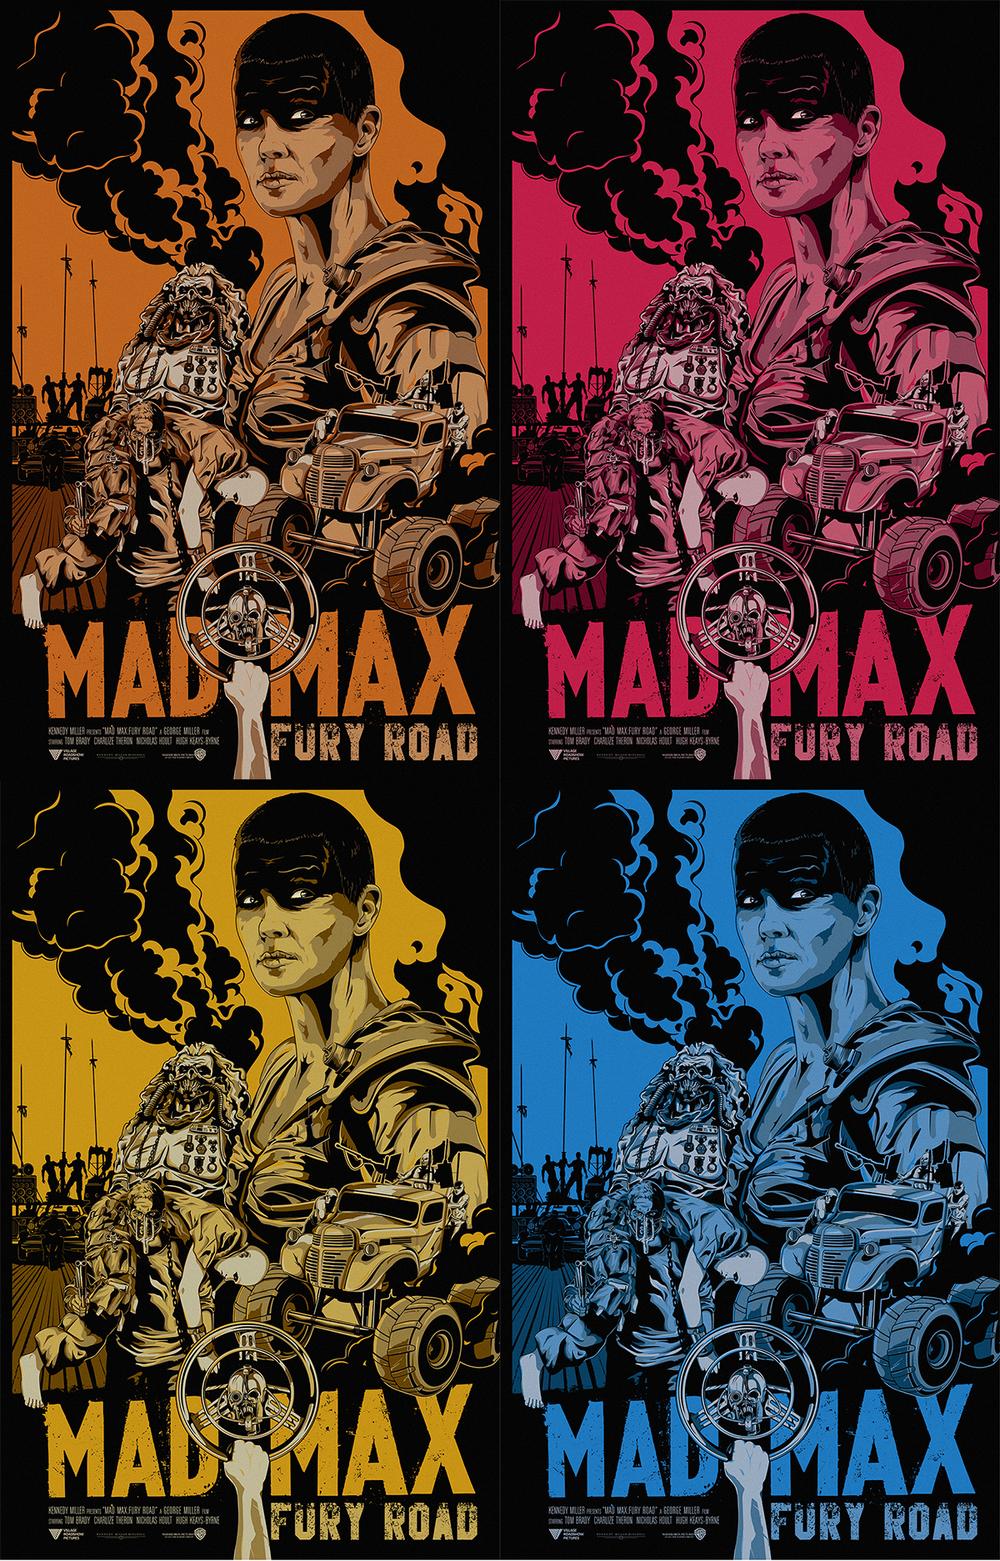 madmaxfuryroadcolors